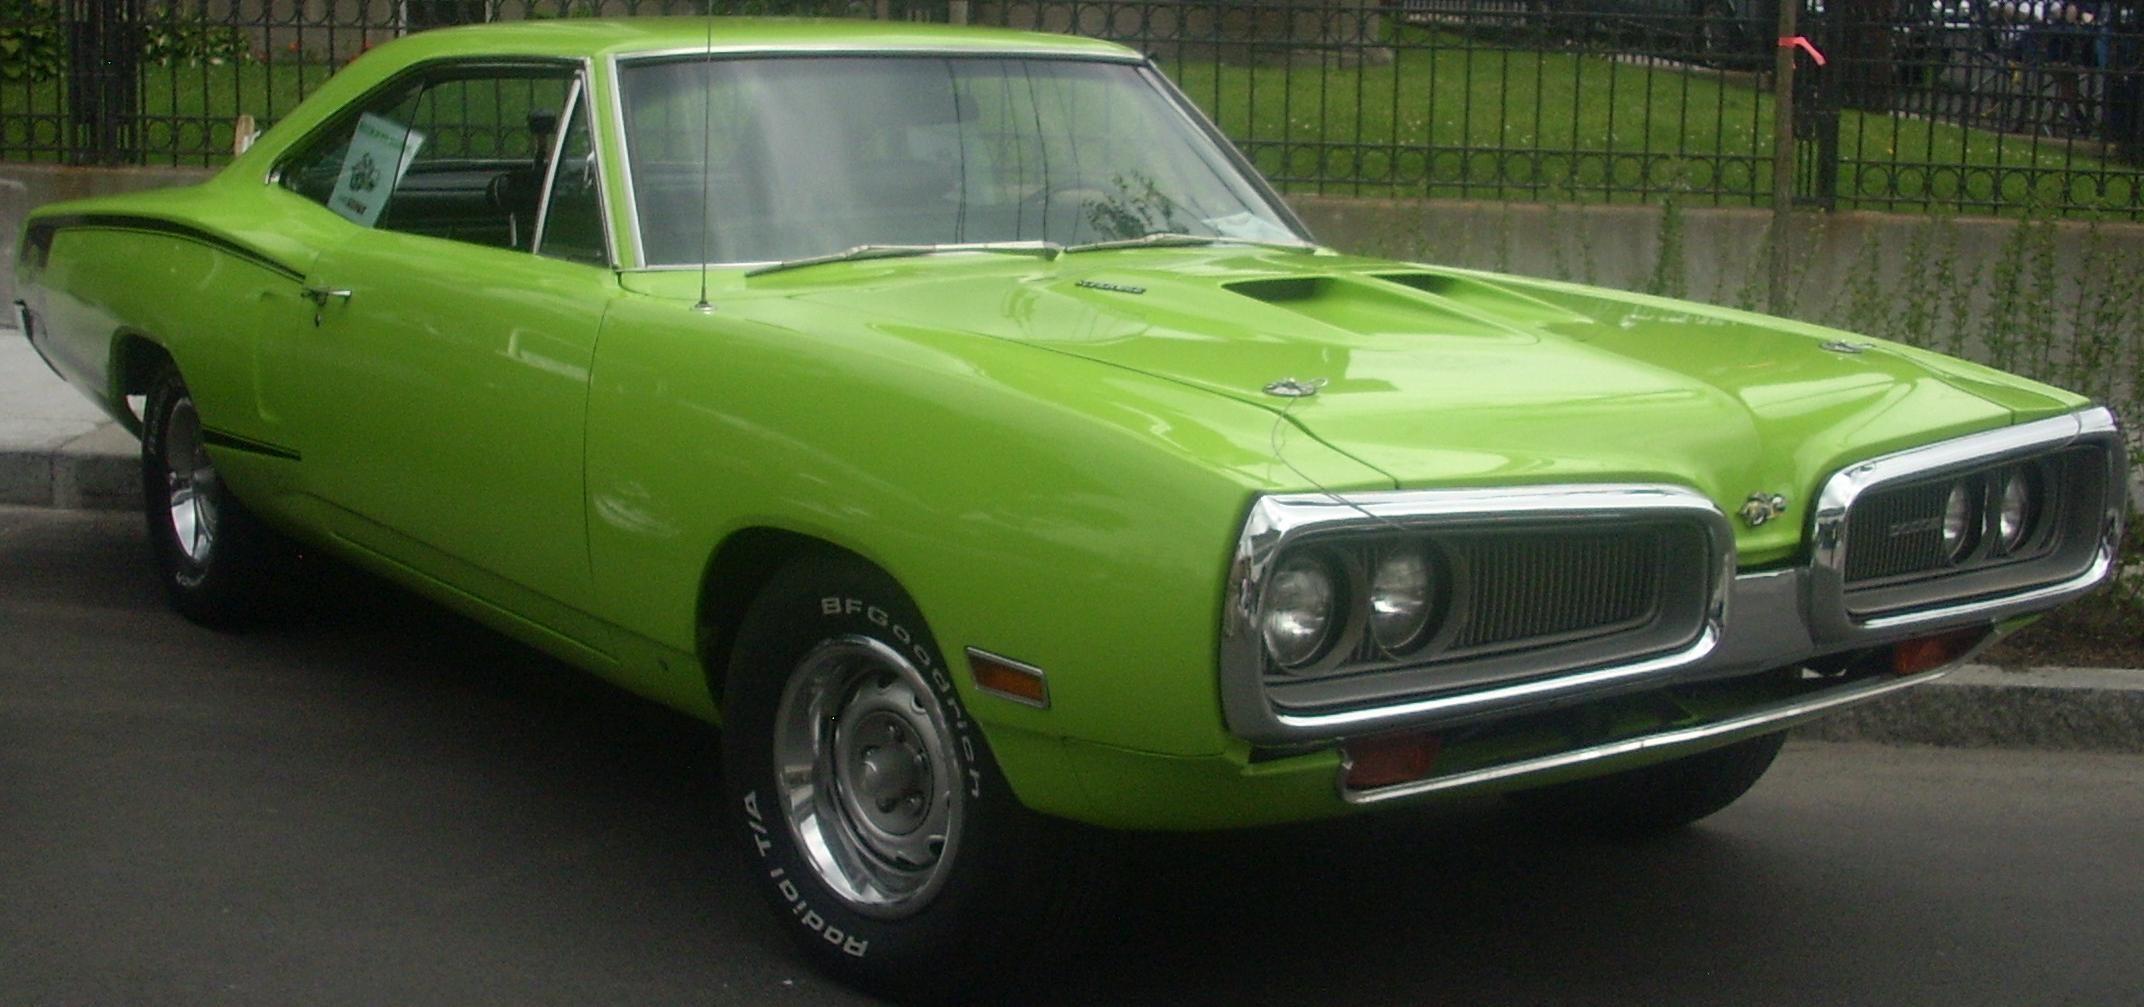 What Is Mopar >> Classic Mopar Cars Classic Muscle Car Classic Chrysler Cars